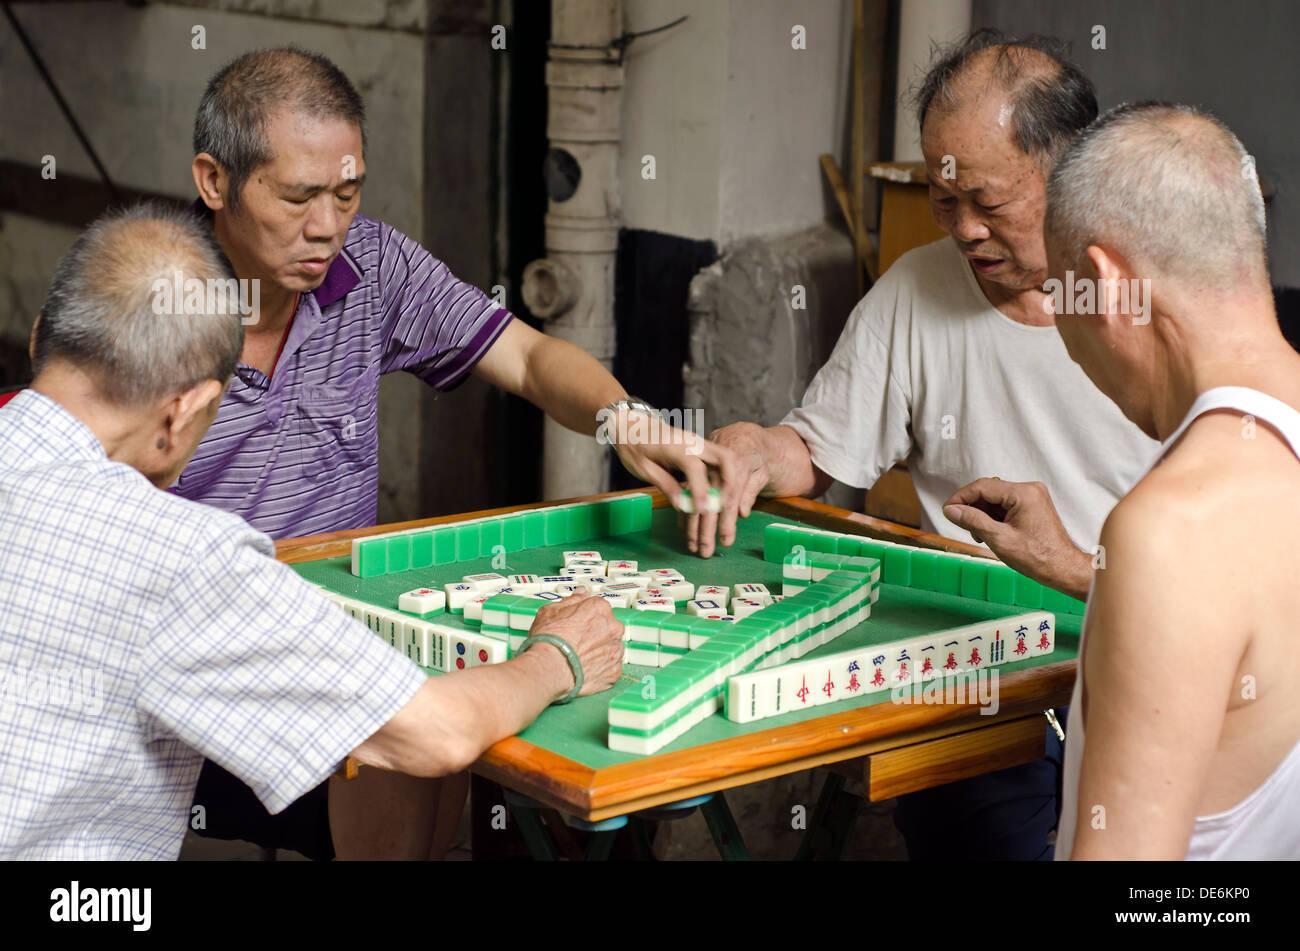 Playing Mahjong China Stock Photos & Playing Mahjong China